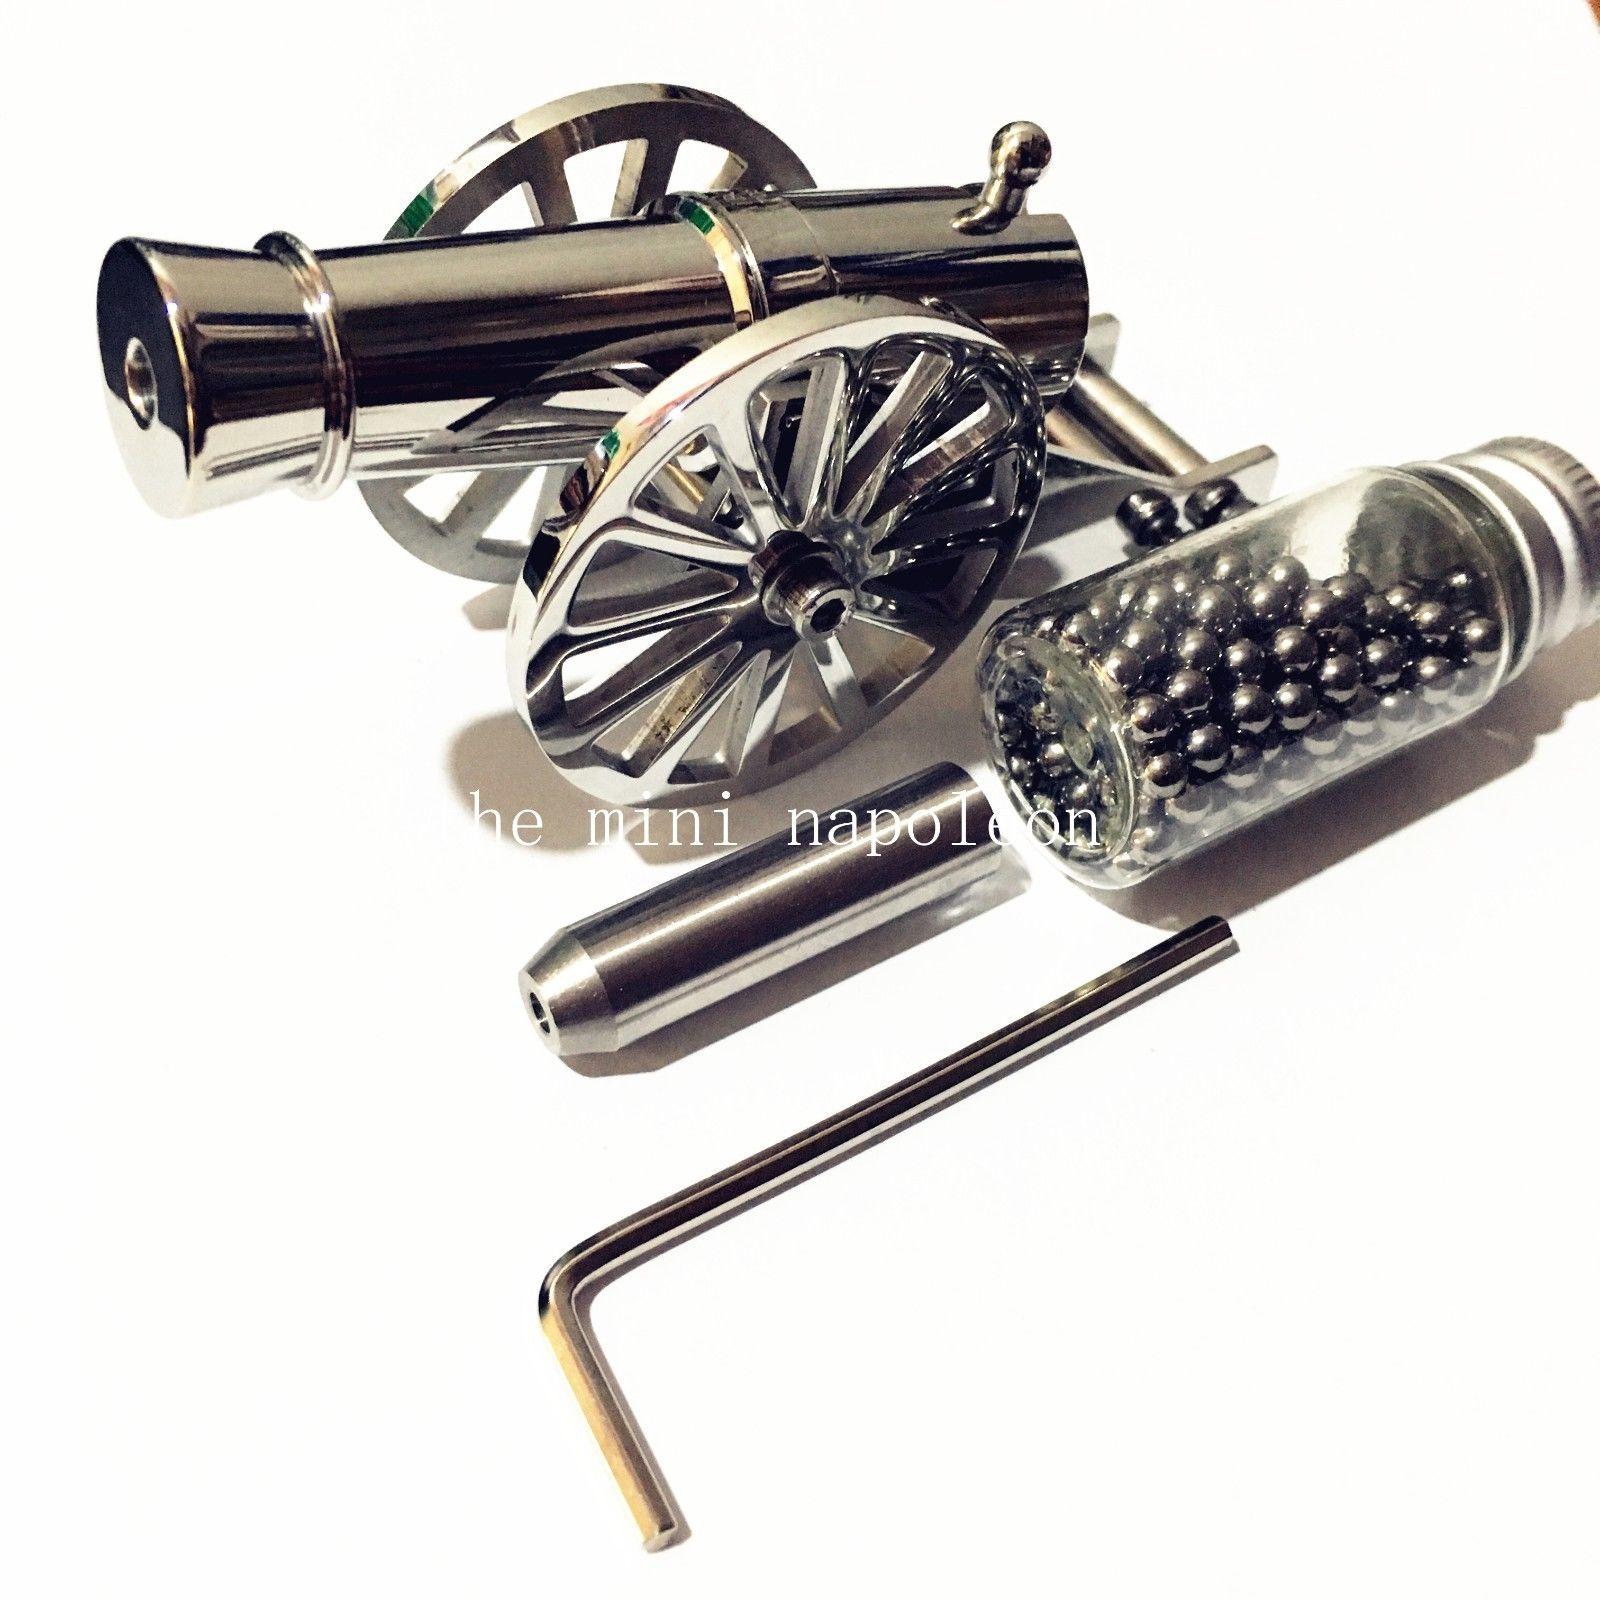 Klasik Mini Savaşçıları Napolyon Topu paslanmaz çelik Masaüstü modeli Deniz Modeli Topçu Masaüstü süsler Koleksiyon